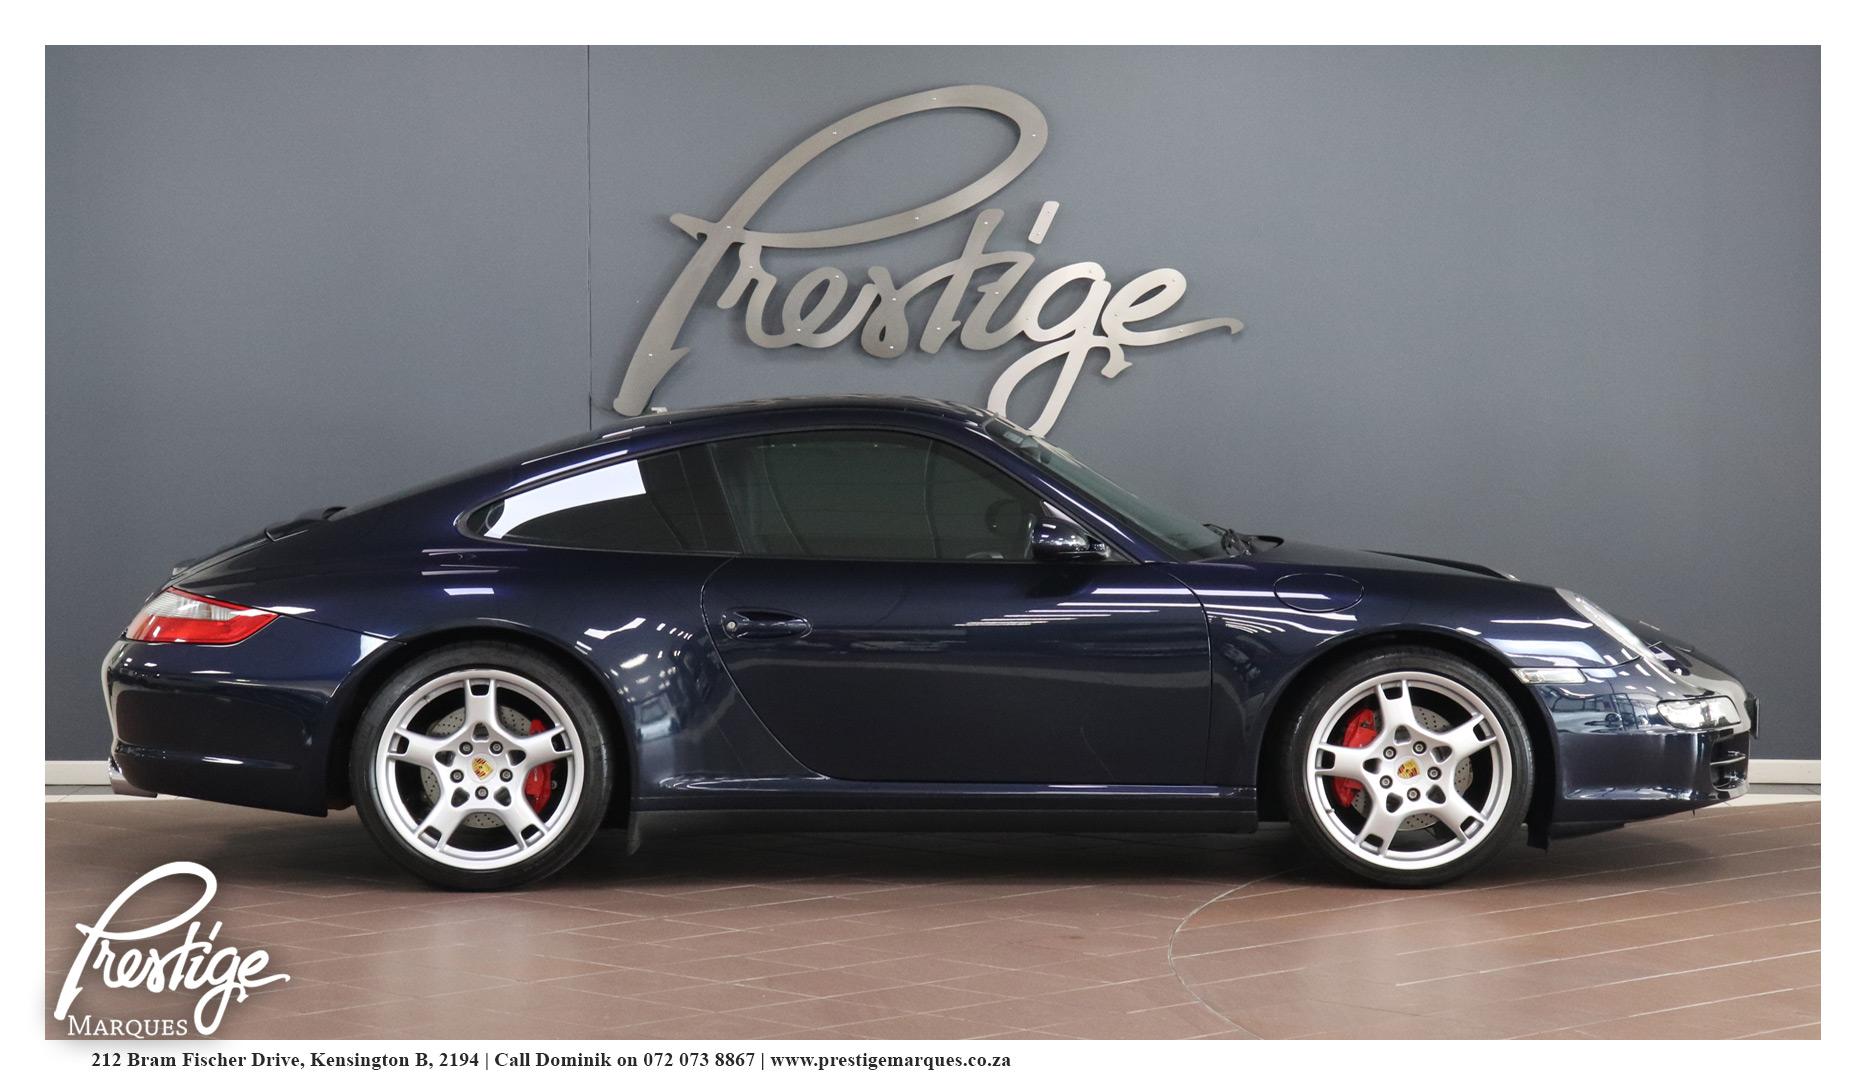 2007-Porsche-911-997-Carerra-4s-manual-prestige-marques-randburg-sandton-3